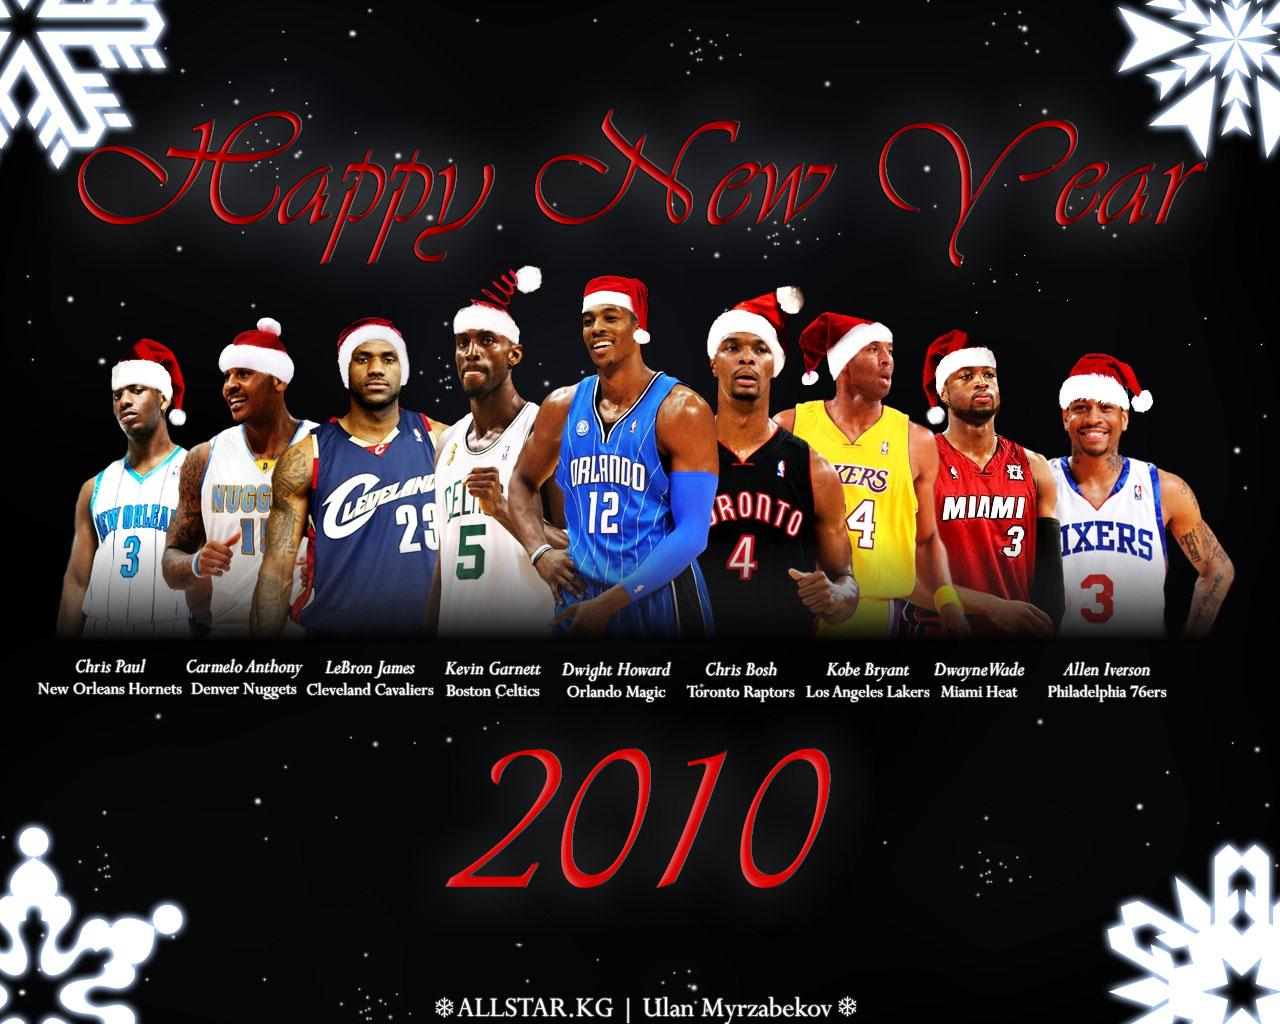 Melhores Piores do Mundo Os maiores campees da NBA 1280x1024